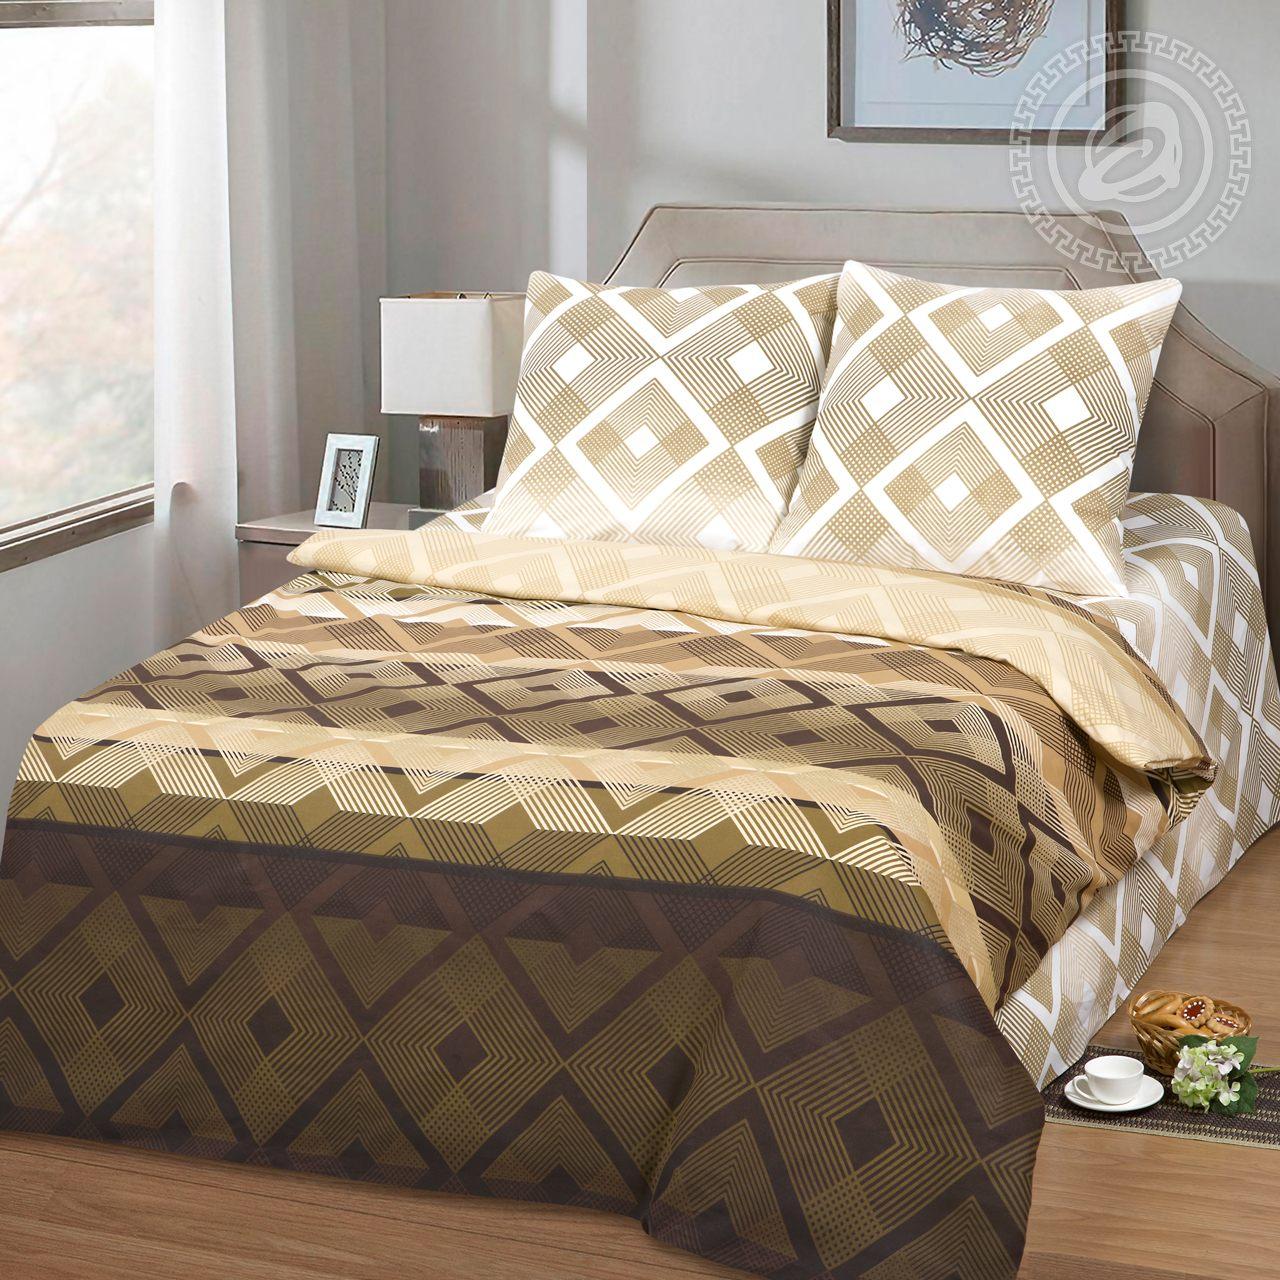 Постельное белье iv48073 (бязь) (1,5 спальный) постельное белье iv48073 бязь 1 5 спальный